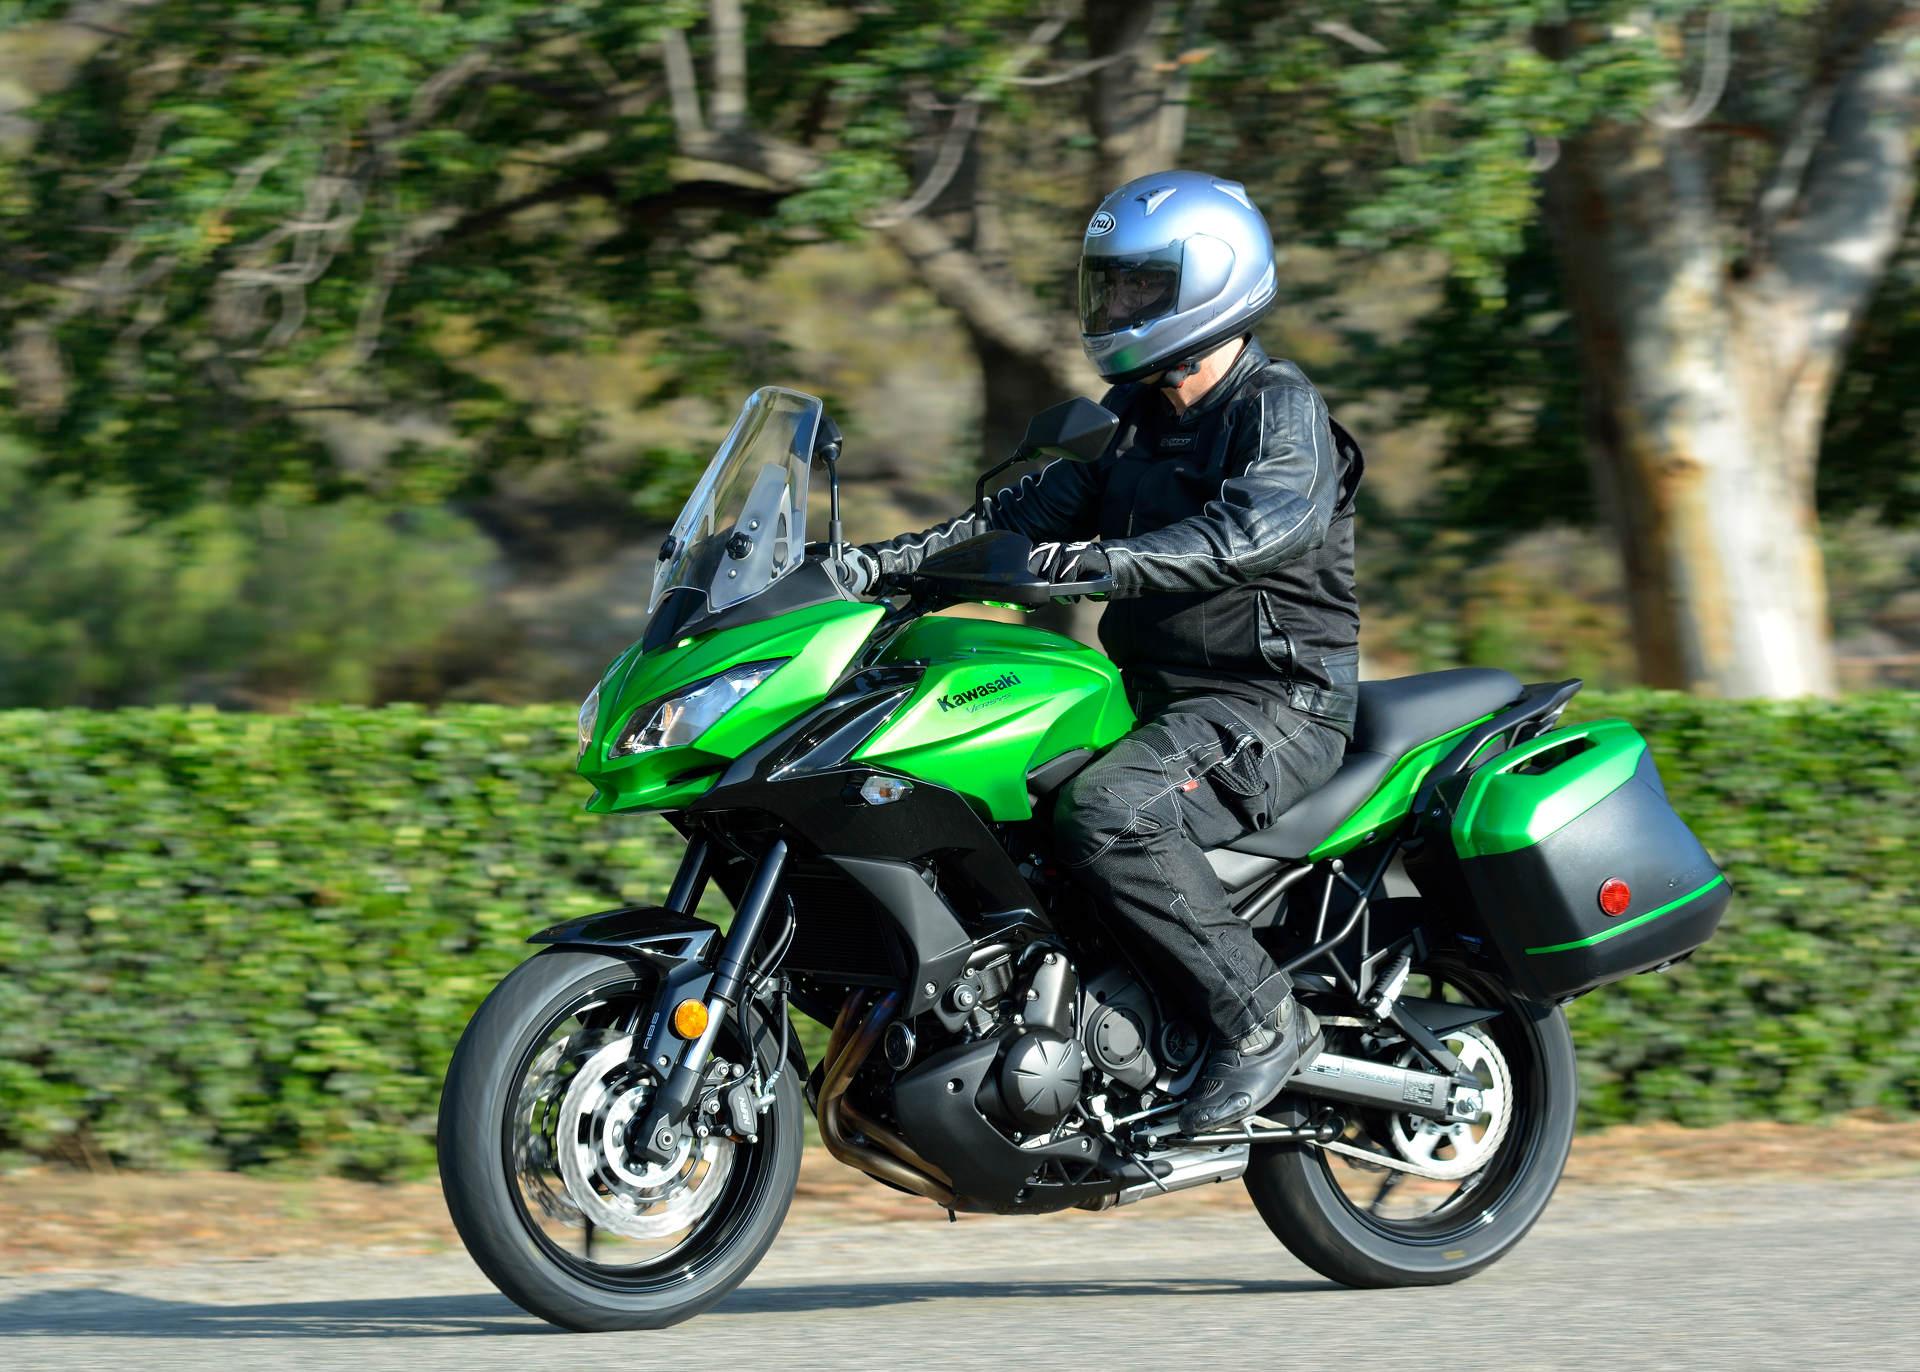 2015 Kawasaki Versys 650 Lt Md Ride Review